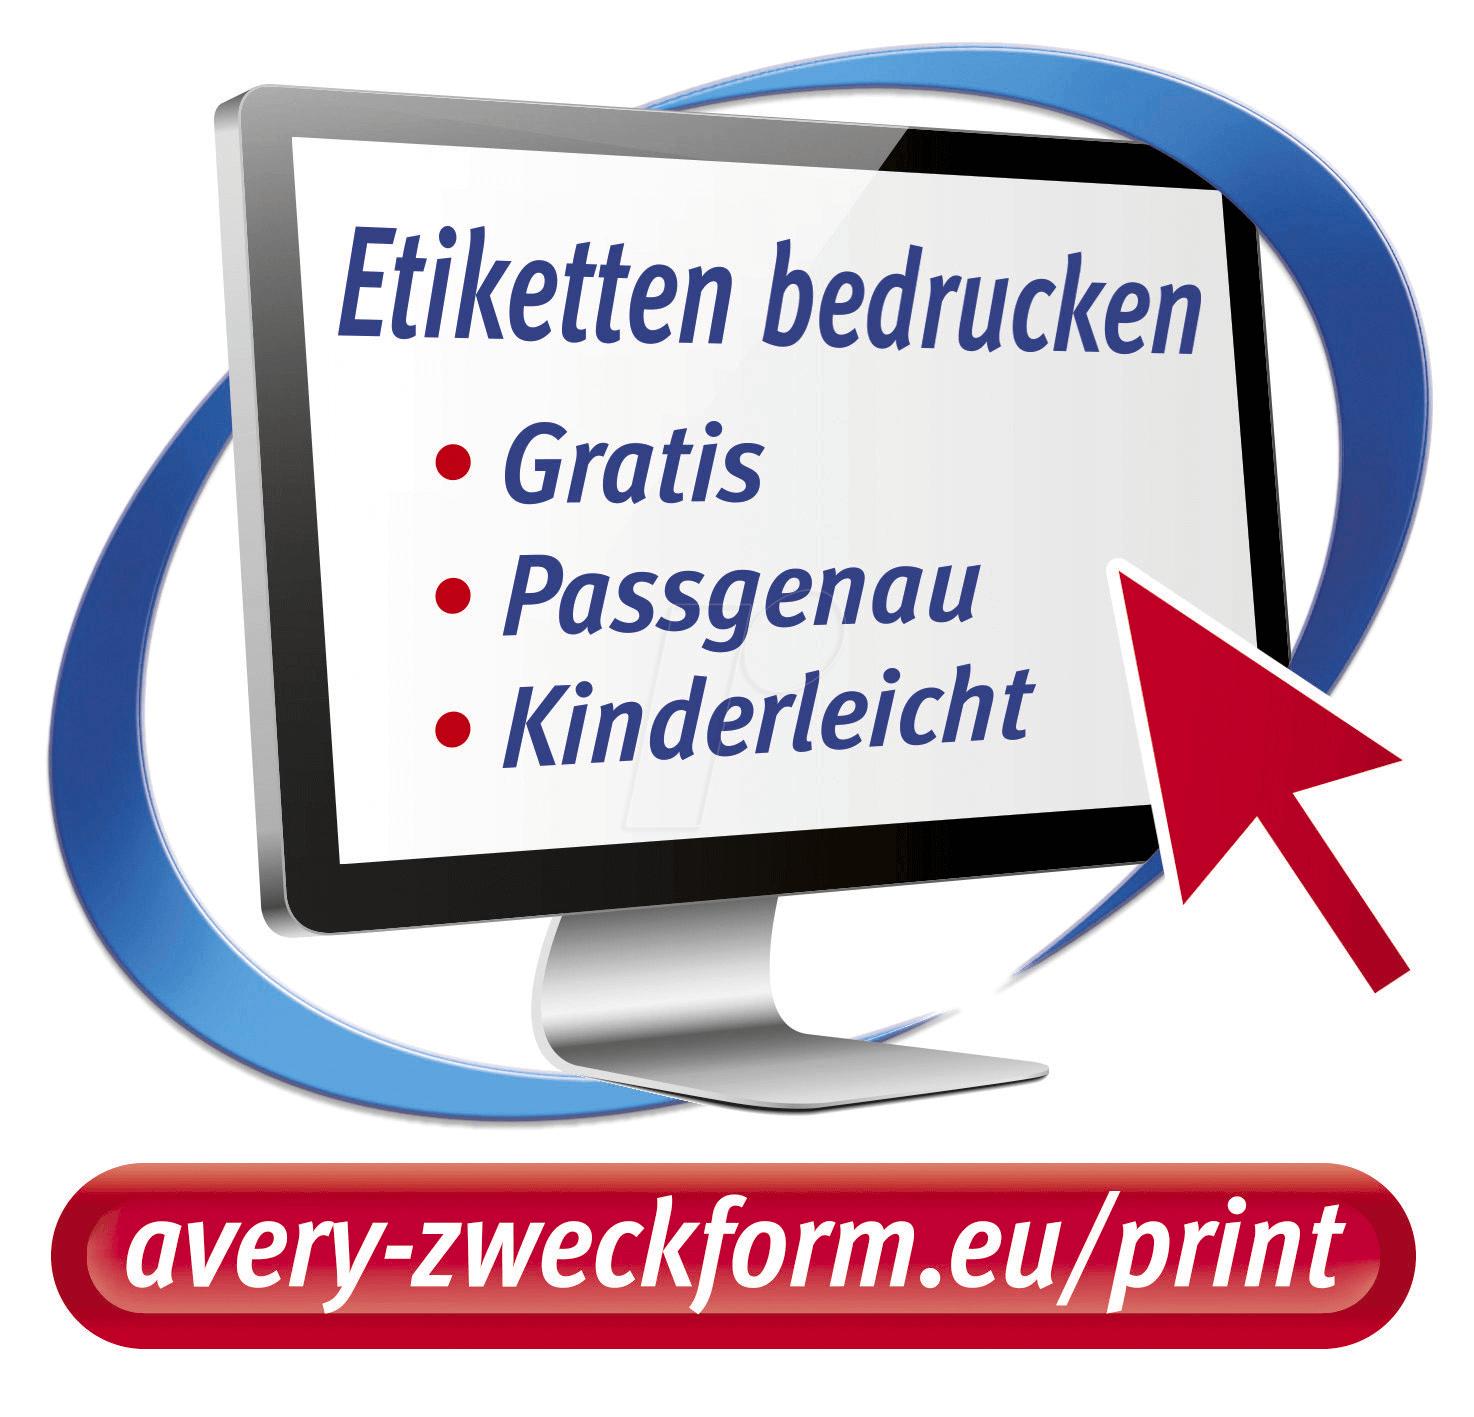 https://cdn-reichelt.de/bilder/web/xxl_ws/E460/AVZ_L4773REV-8_09.png